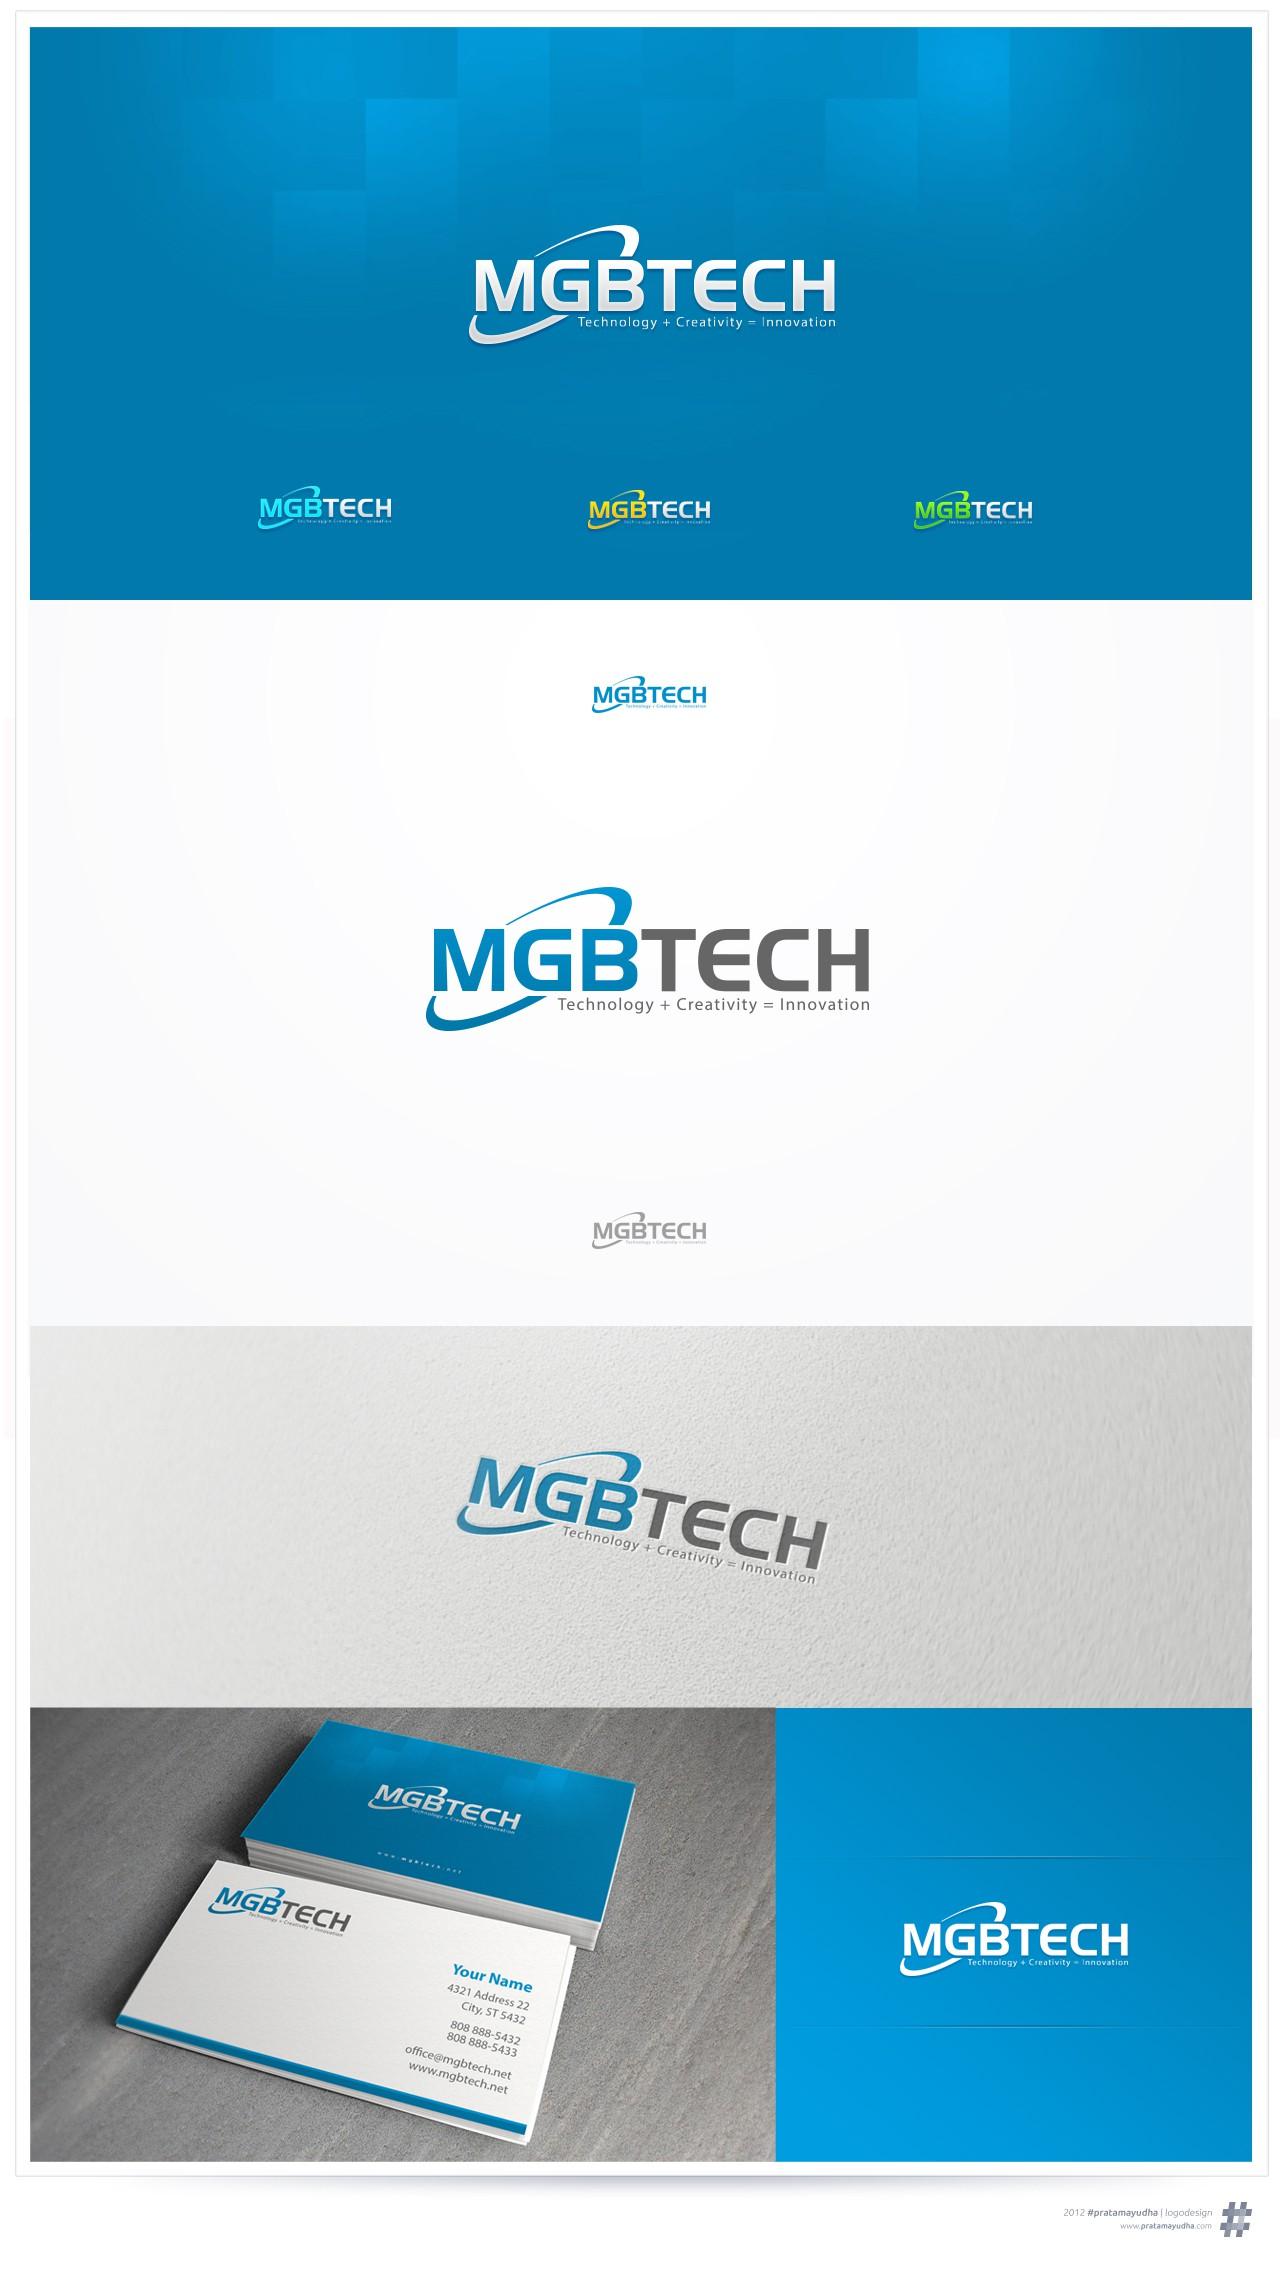 MGBTech needs a new logo